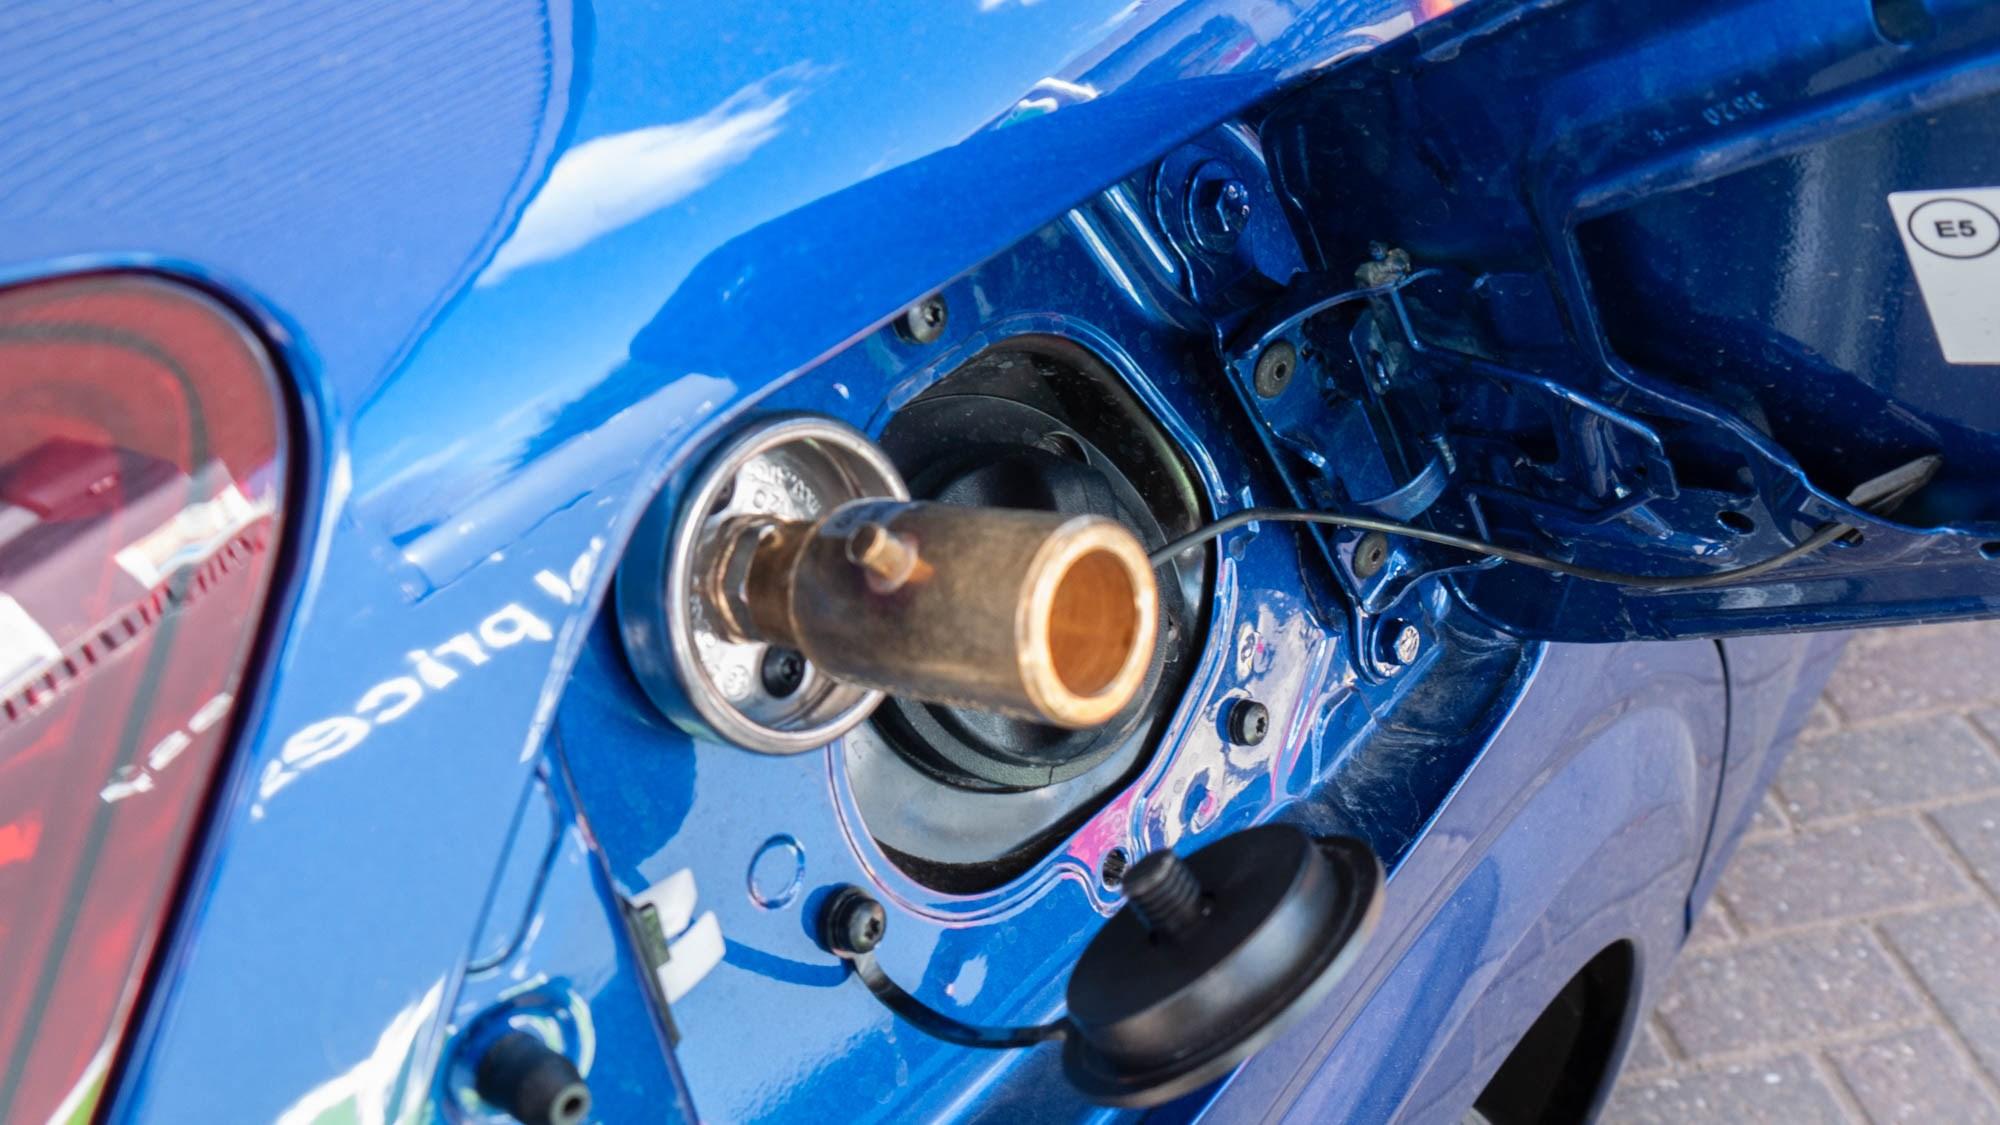 Dacia Sandero Bi-Fuel LPG filler adaptor